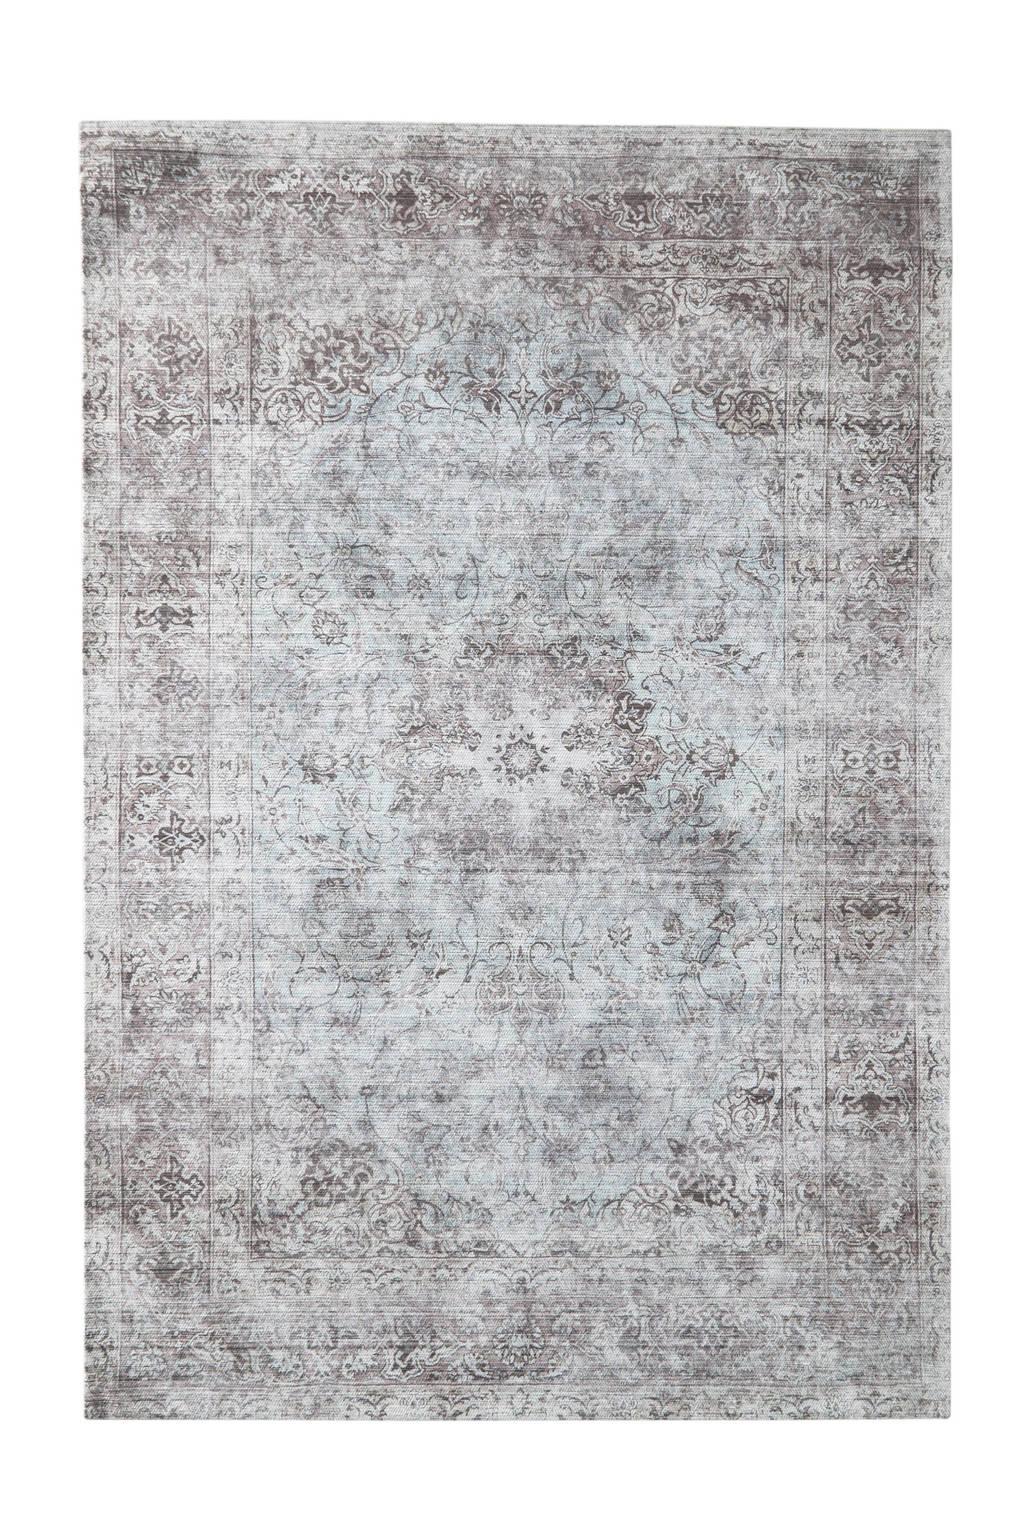 Vloerkleed New Persian  (290x200 cm), Grijs/groen